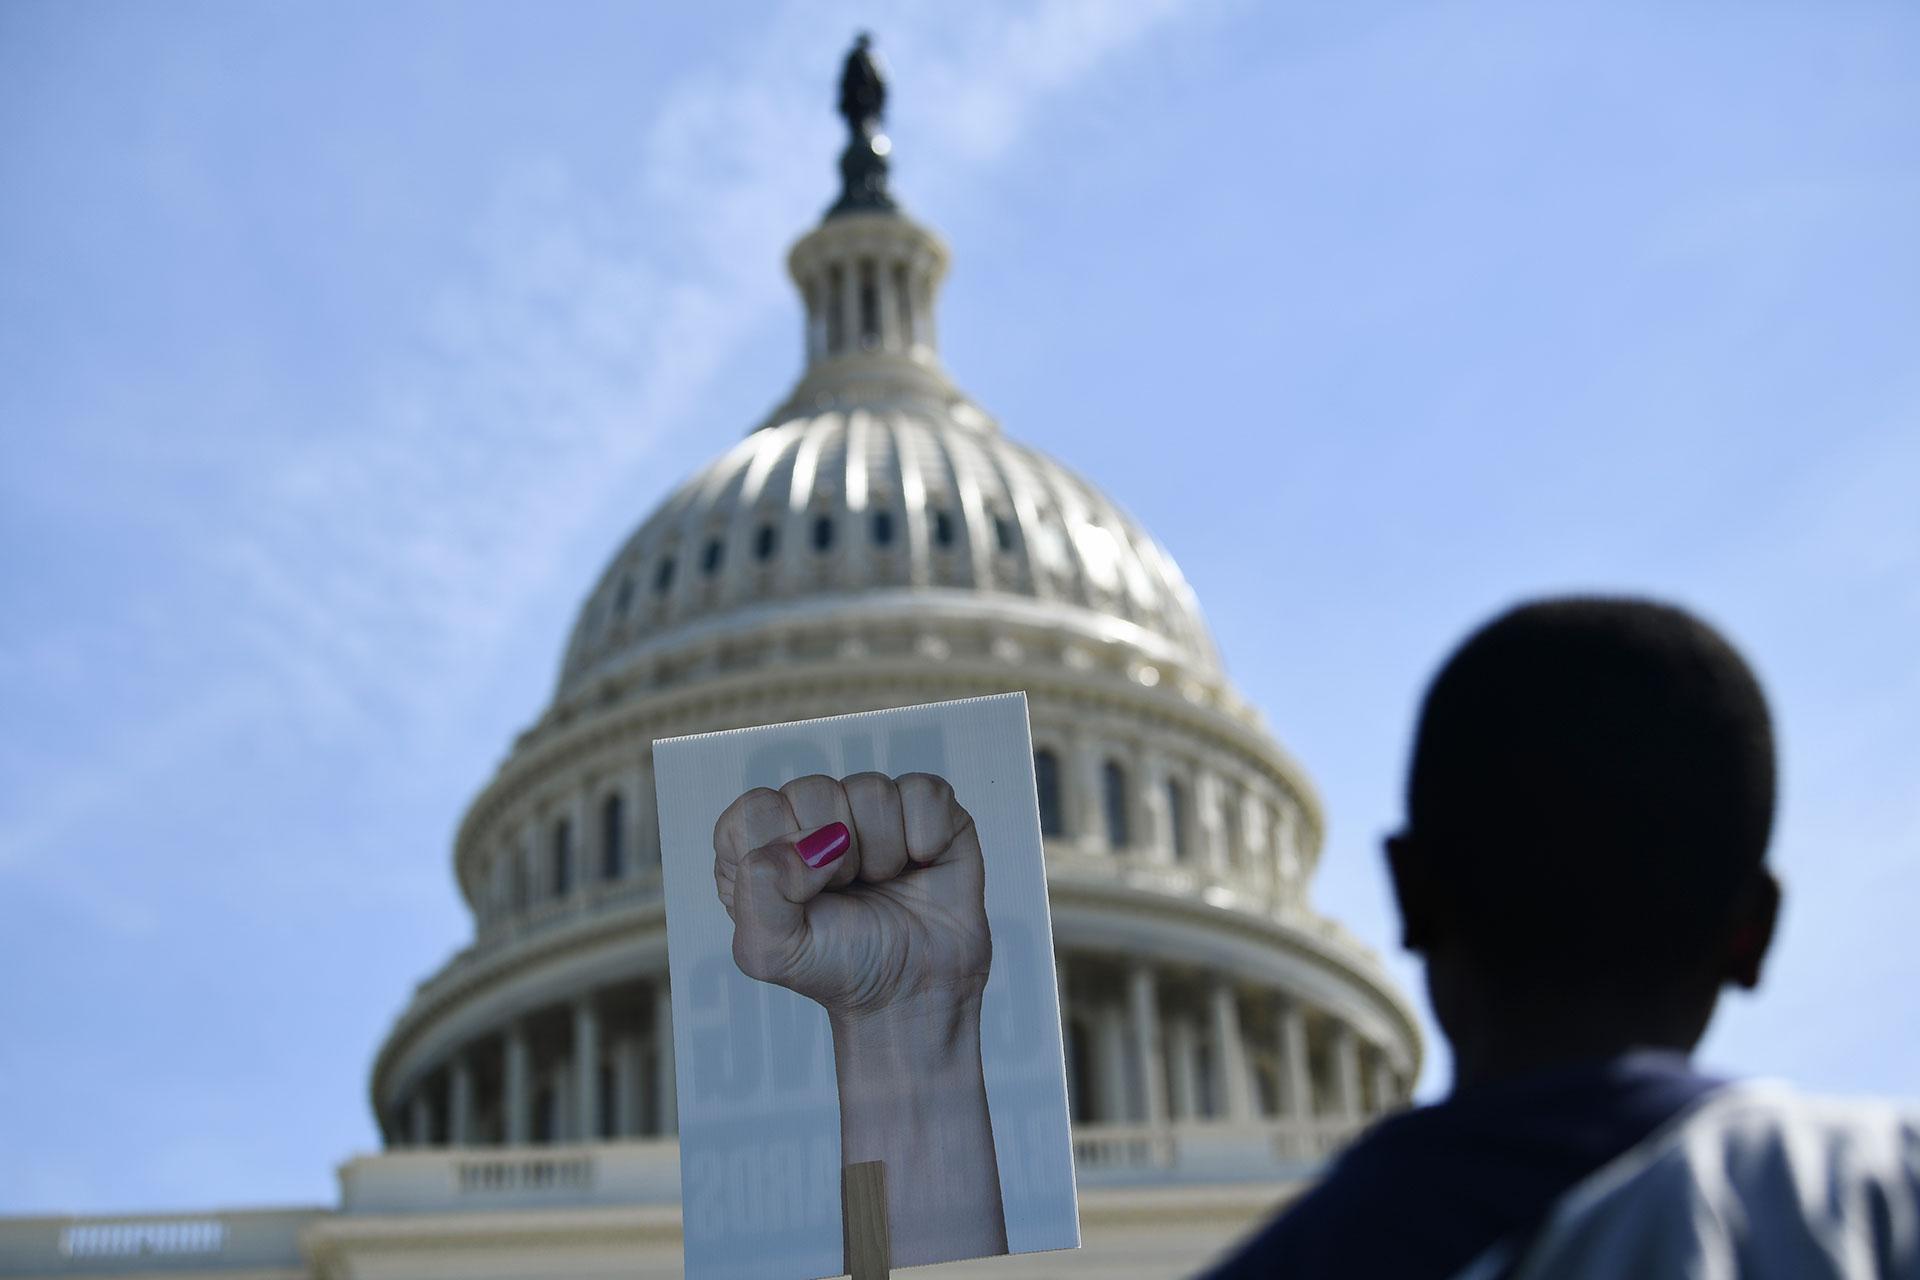 EEUU llena de gente contra el cambio climático (AFP)